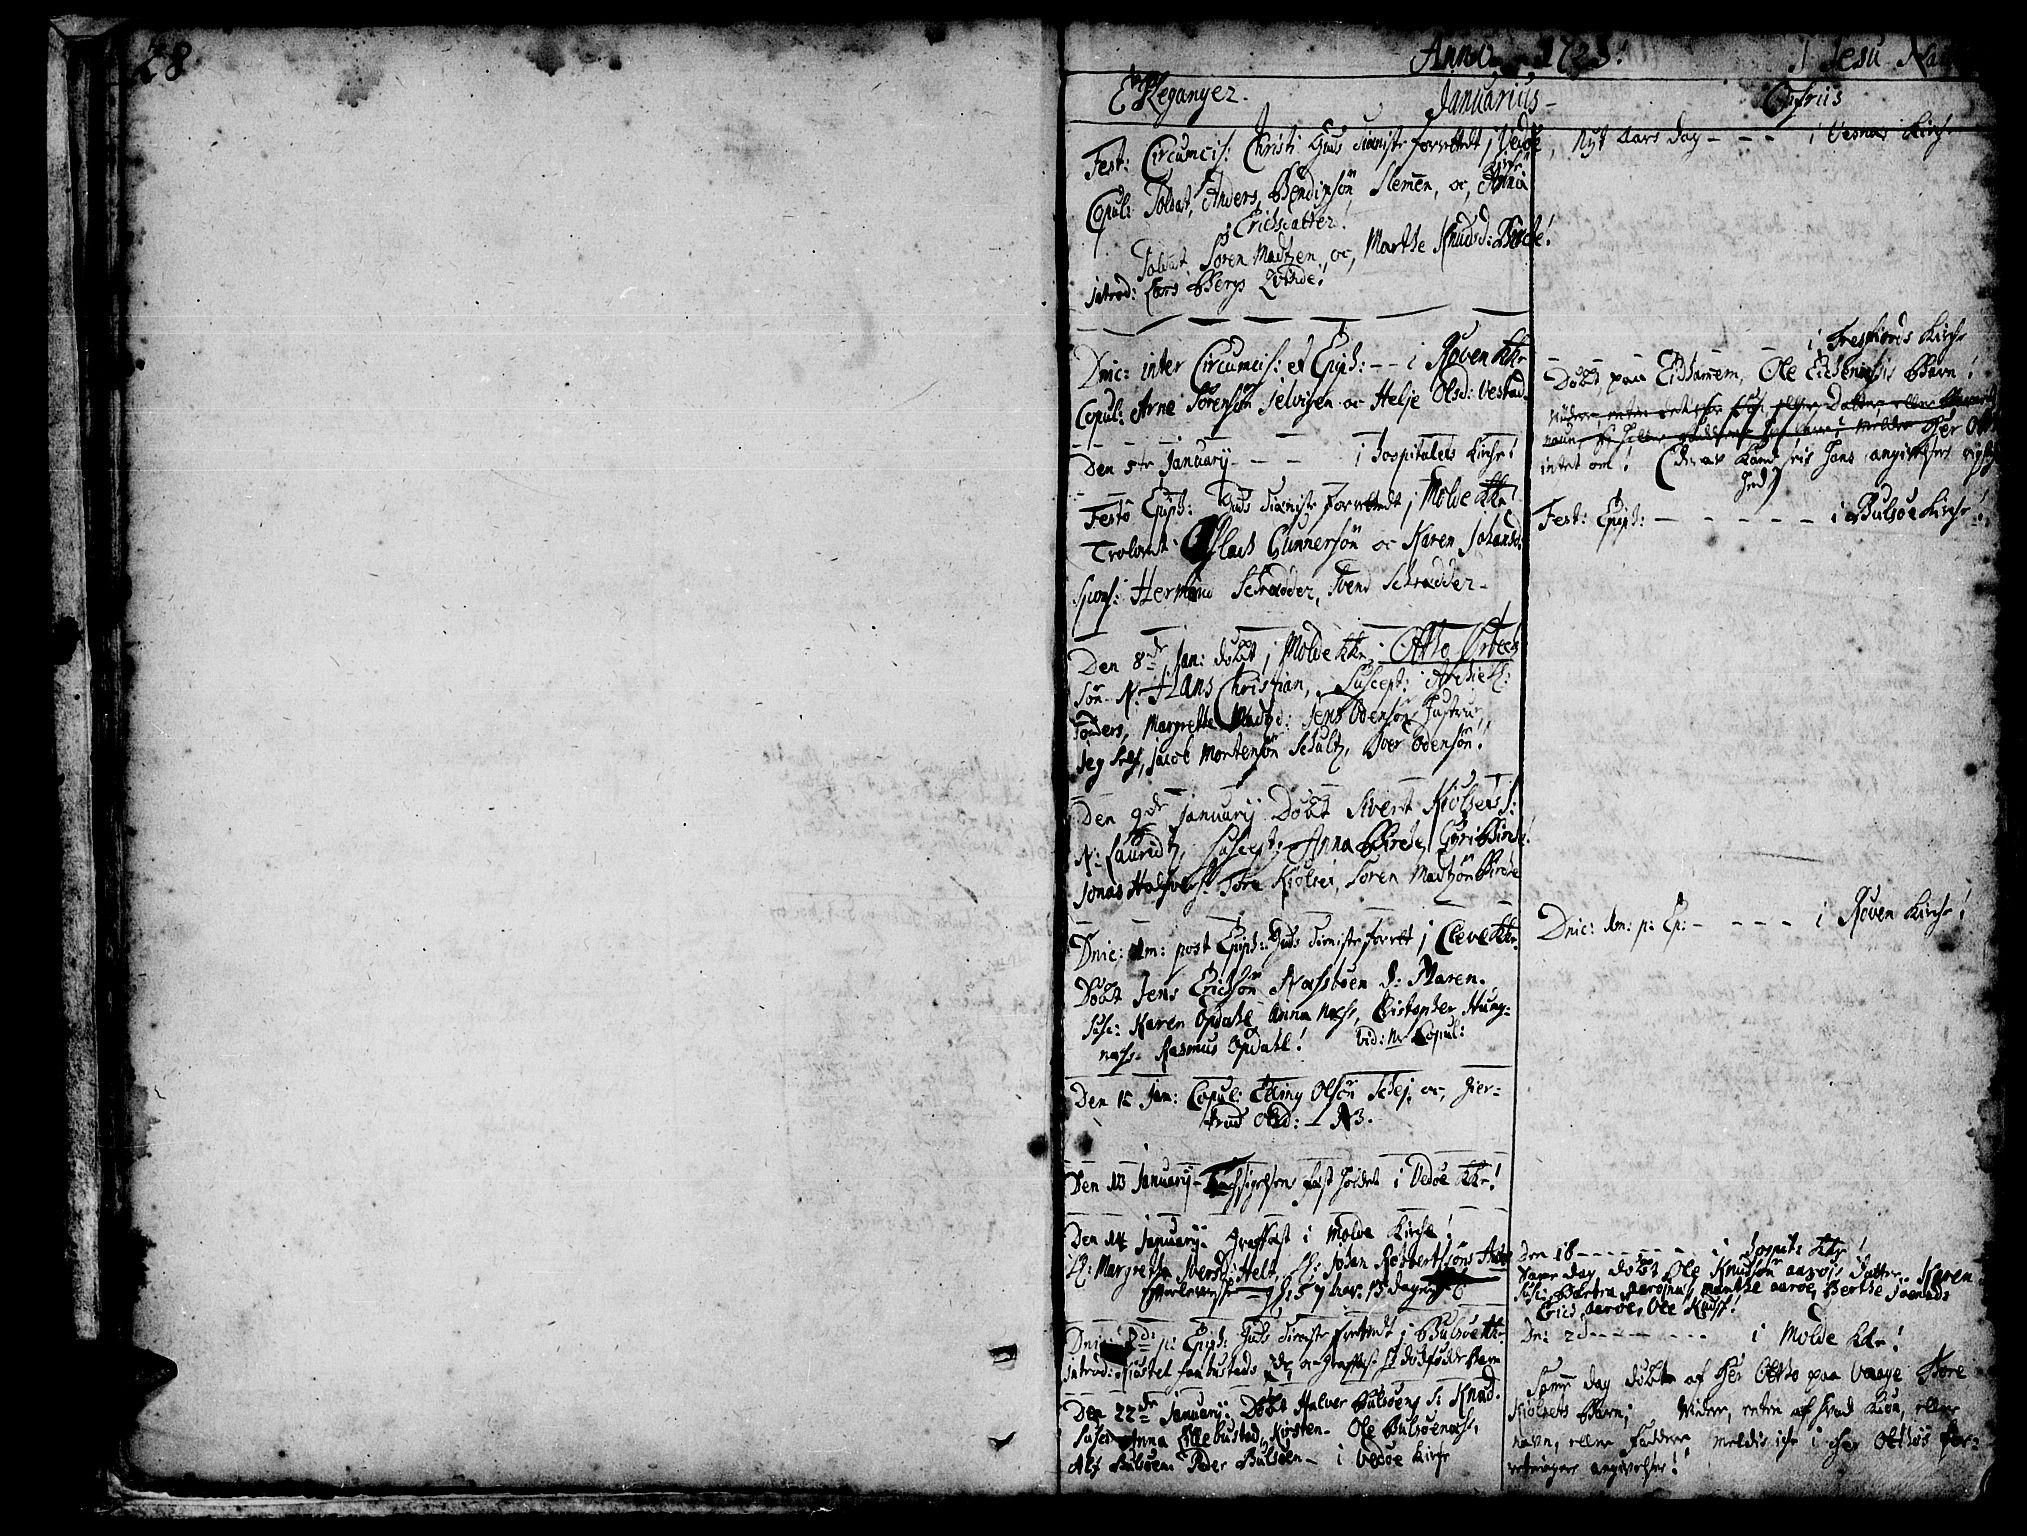 SAT, Ministerialprotokoller, klokkerbøker og fødselsregistre - Møre og Romsdal, 547/L0599: Ministerialbok nr. 547A01, 1721-1764, s. 28-29